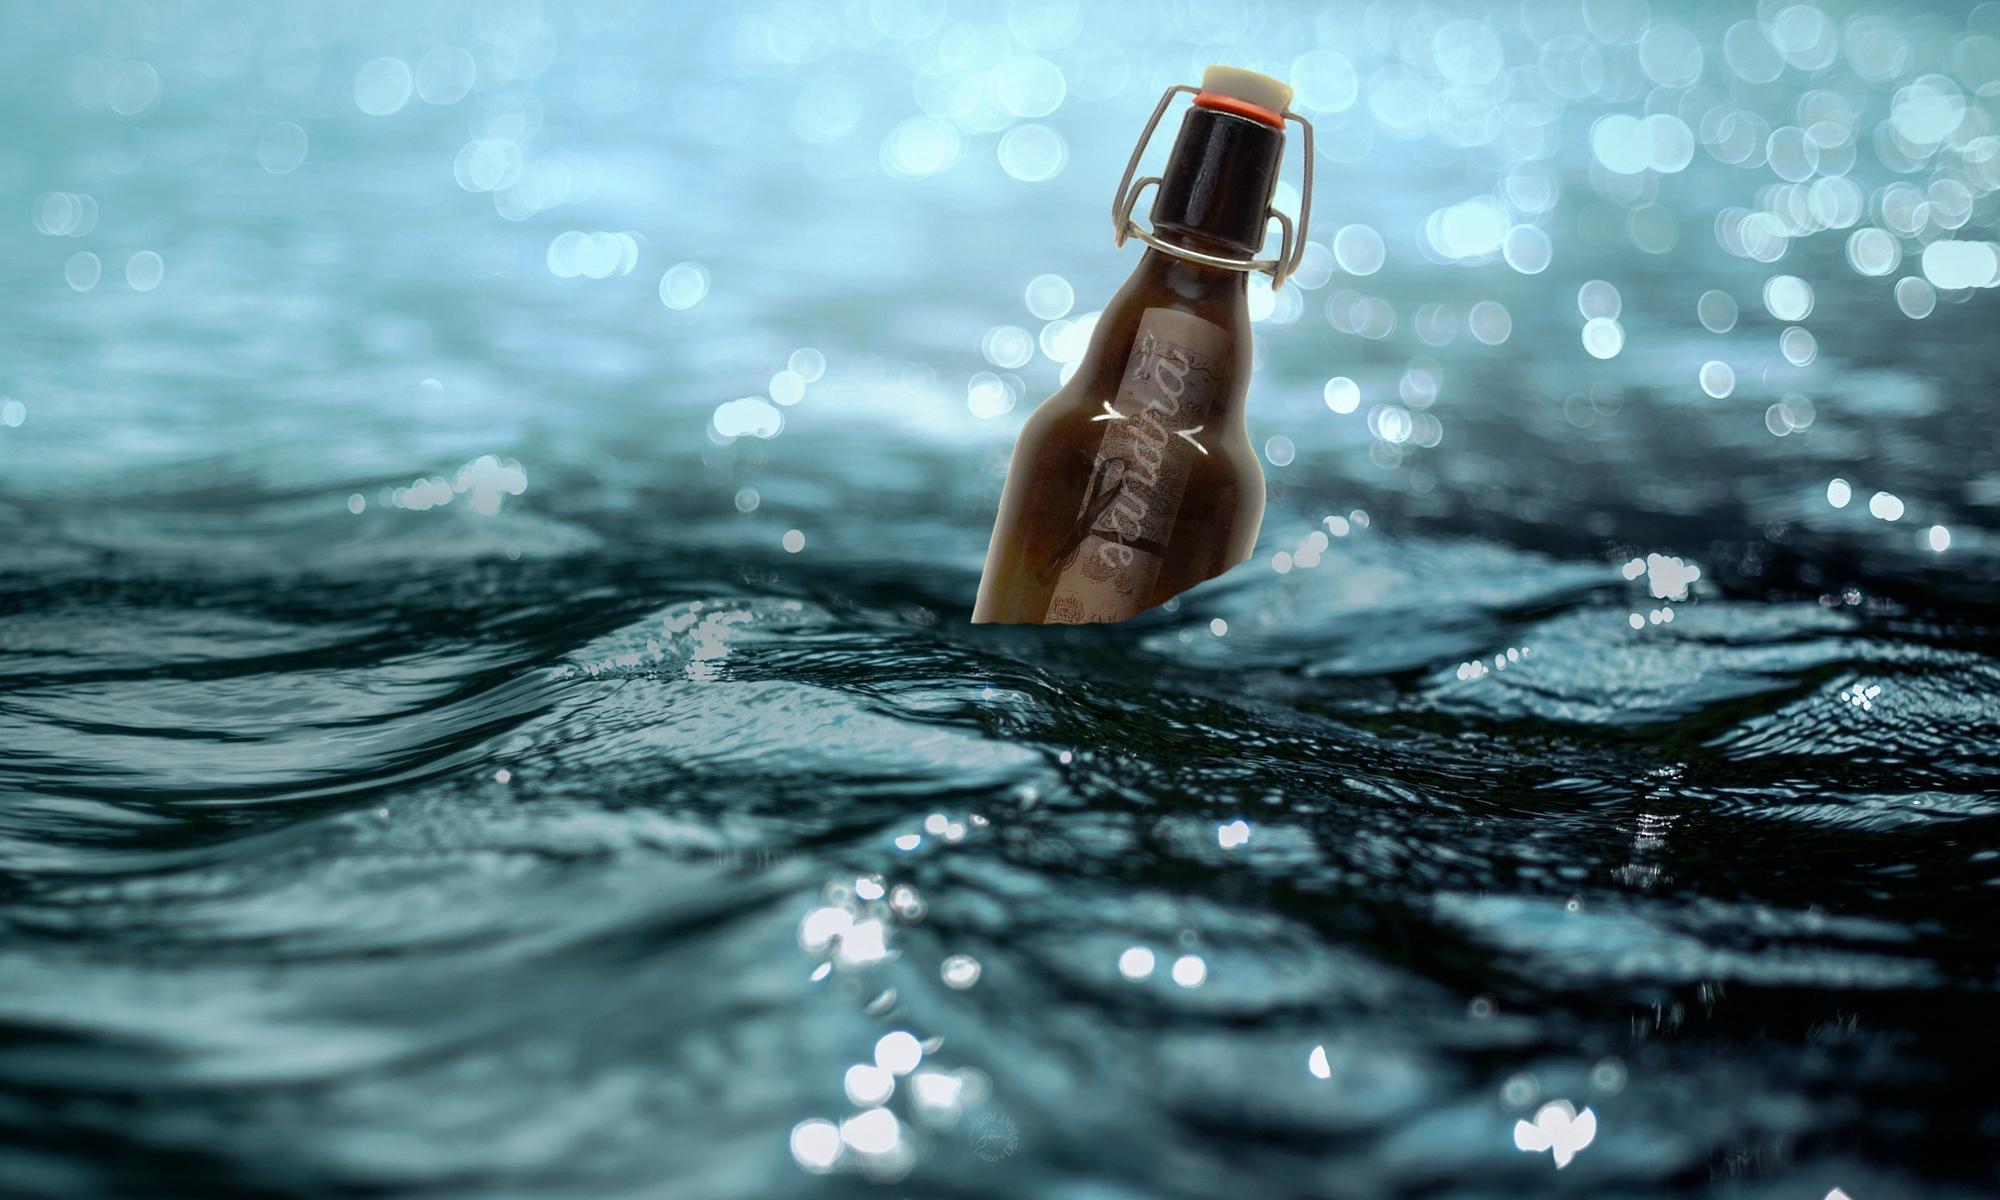 Bierflaschenpost